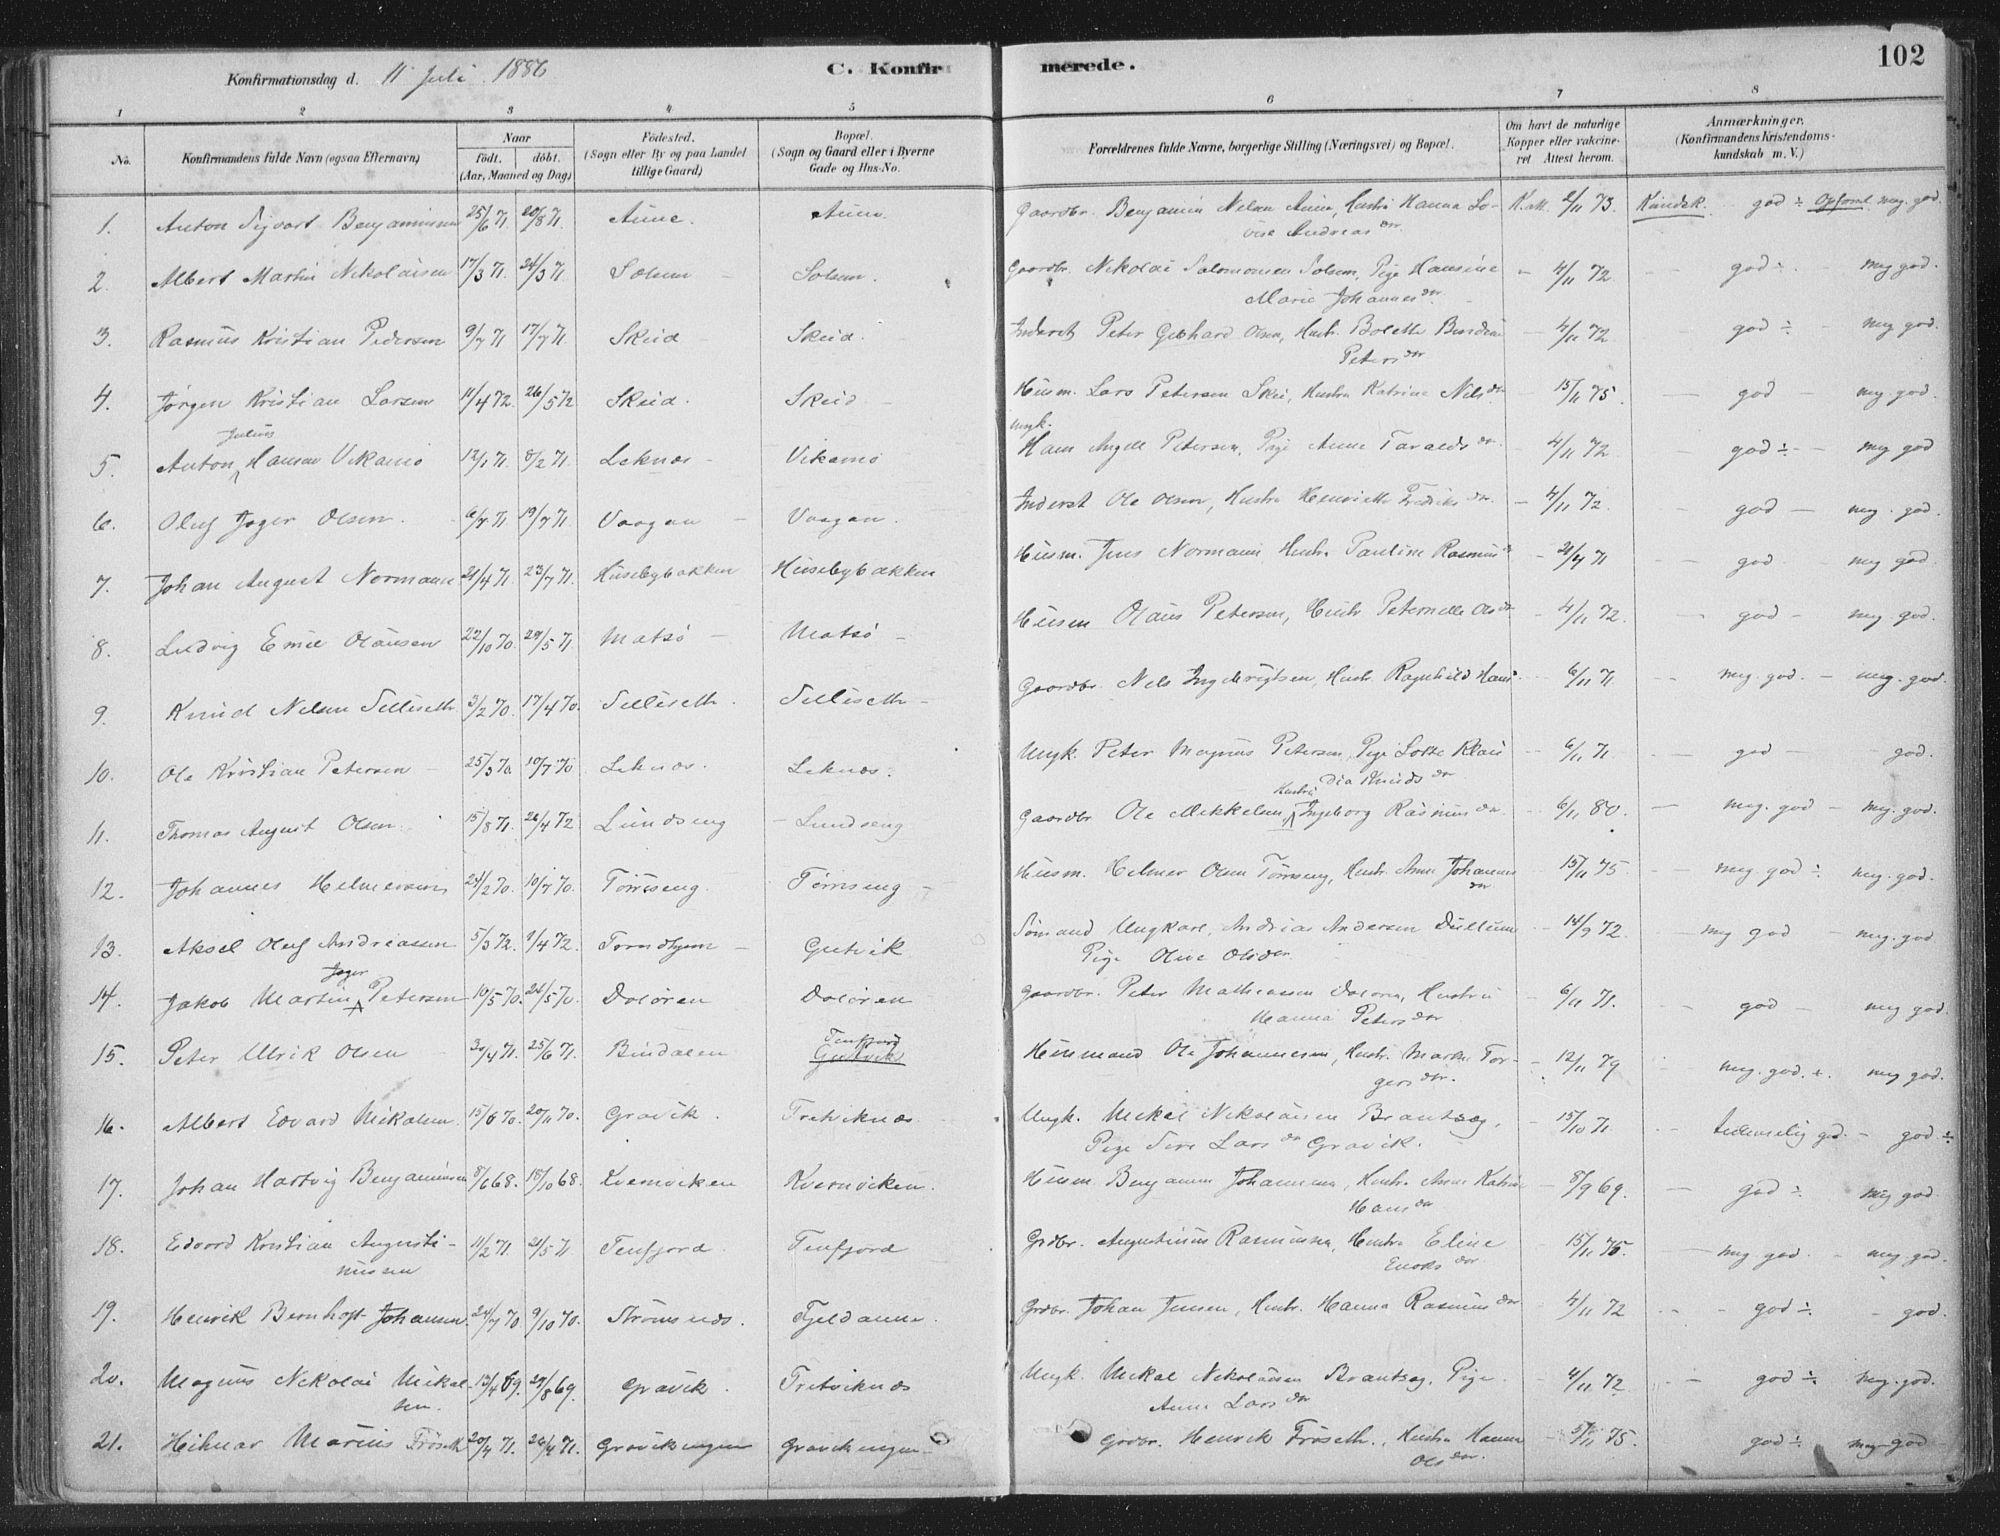 SAT, Ministerialprotokoller, klokkerbøker og fødselsregistre - Nord-Trøndelag, 788/L0697: Ministerialbok nr. 788A04, 1878-1902, s. 102